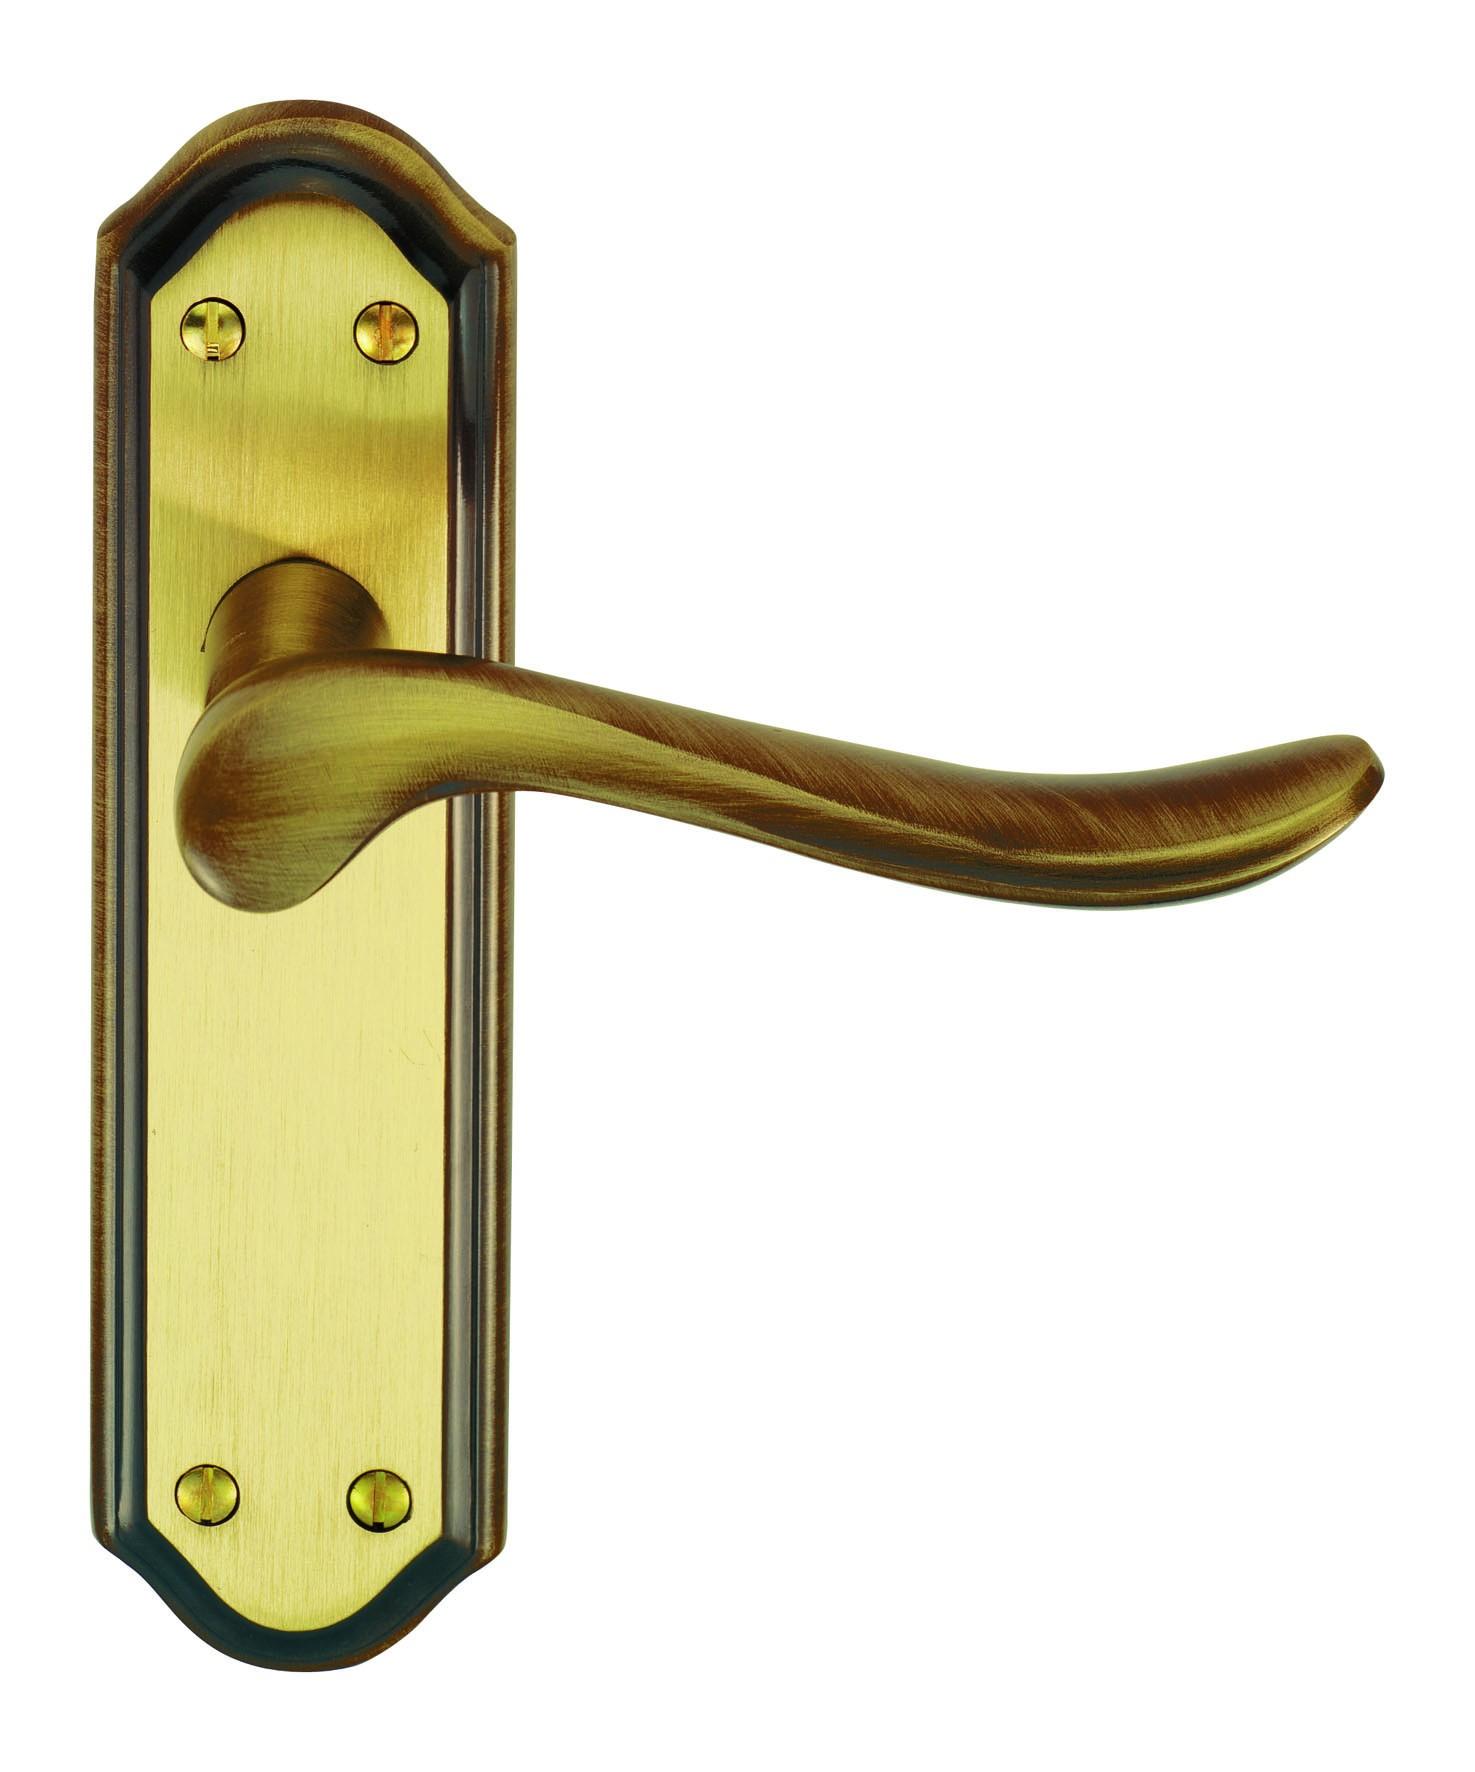 door handle knob photo - 8  sc 1 st  Door Knobs & Door handle knob \u2013 Door Knobs